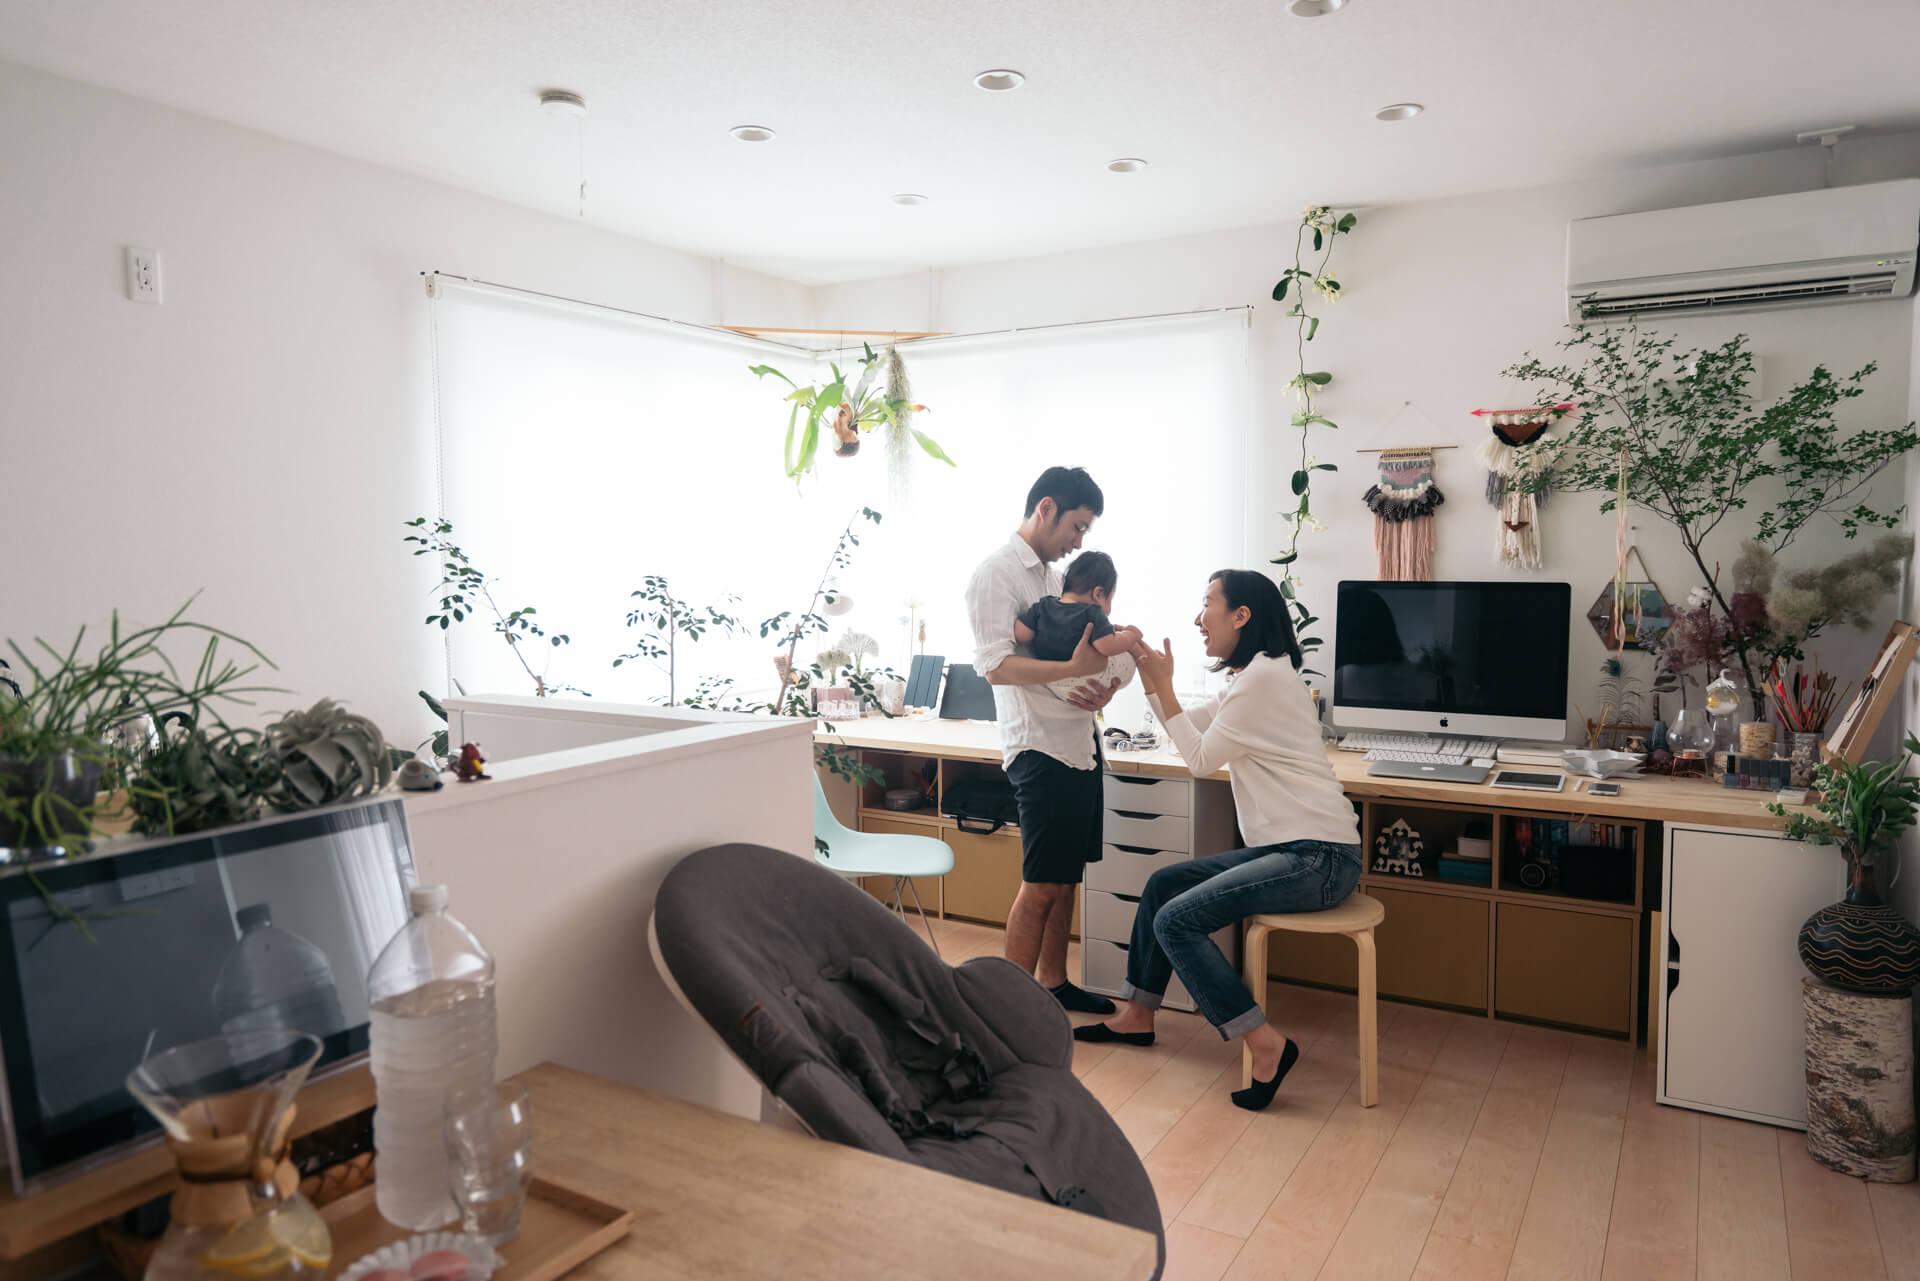 夫婦二人とも自宅で働いているという方のお部屋。窓辺に横に長く場所を取りたい時に真似したいのが……